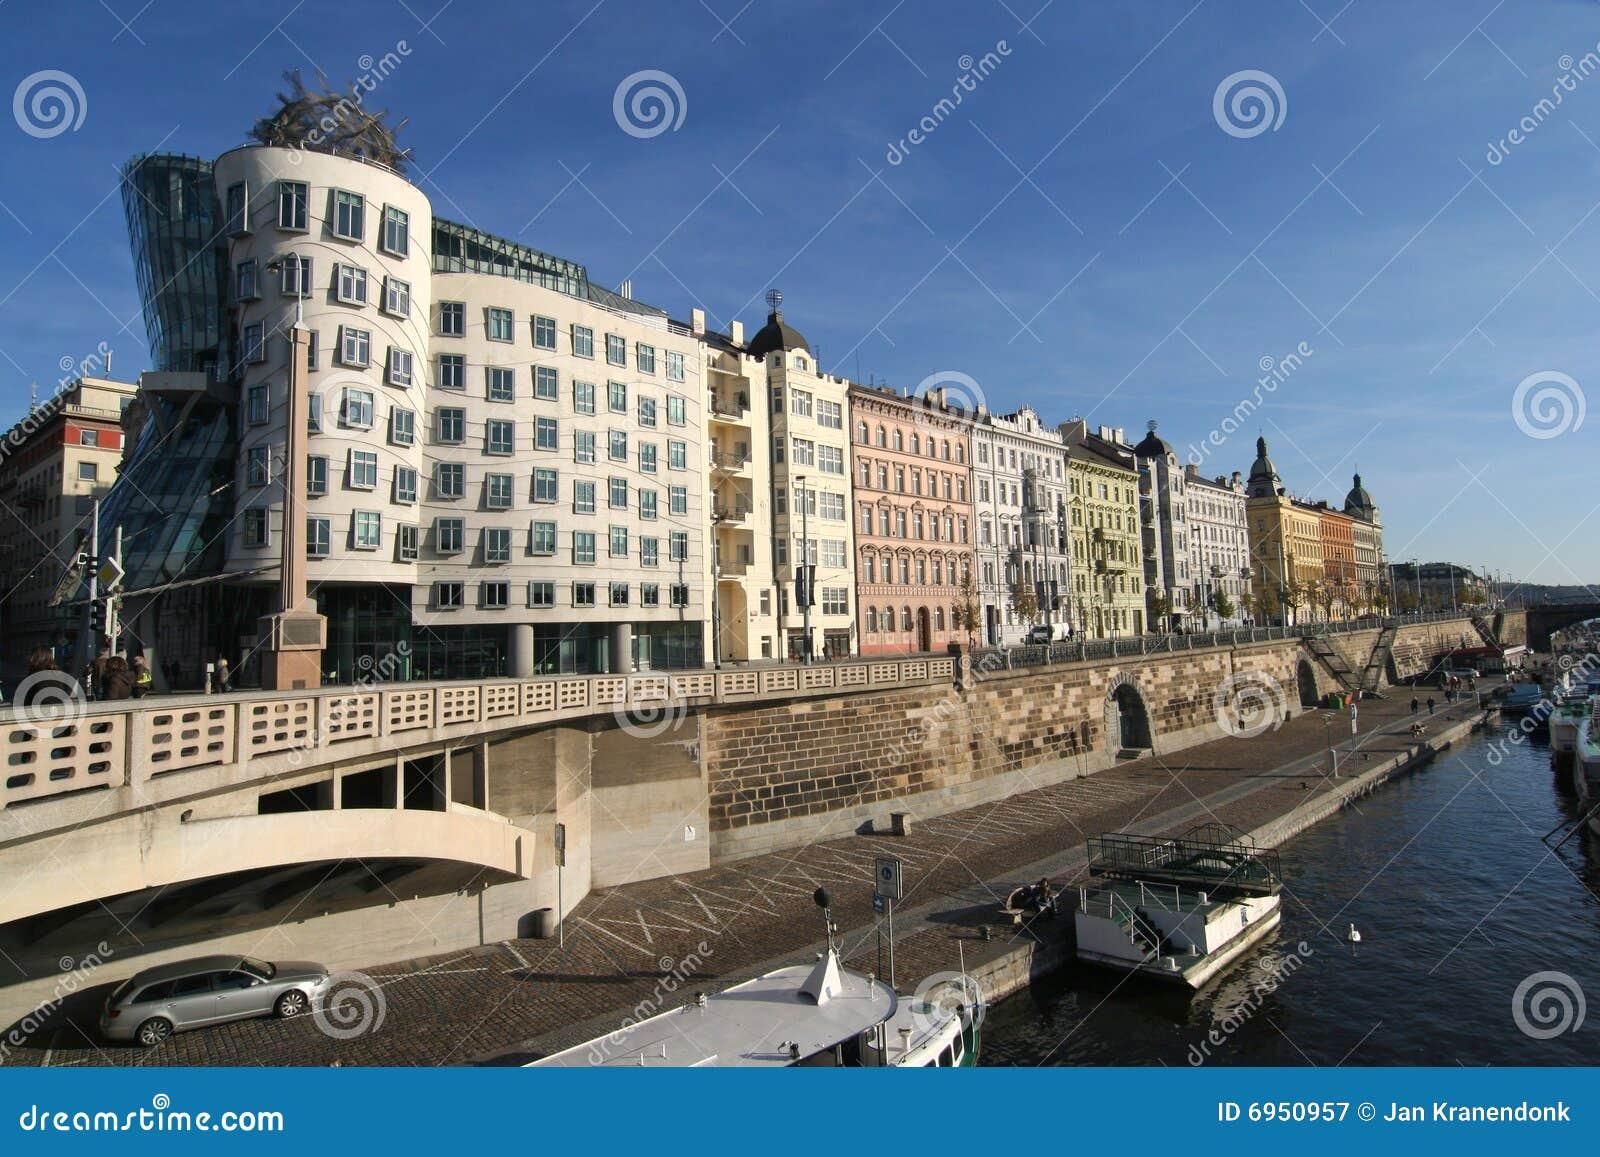 Prague Apartments stock image. Image of luxury, cityscape ...